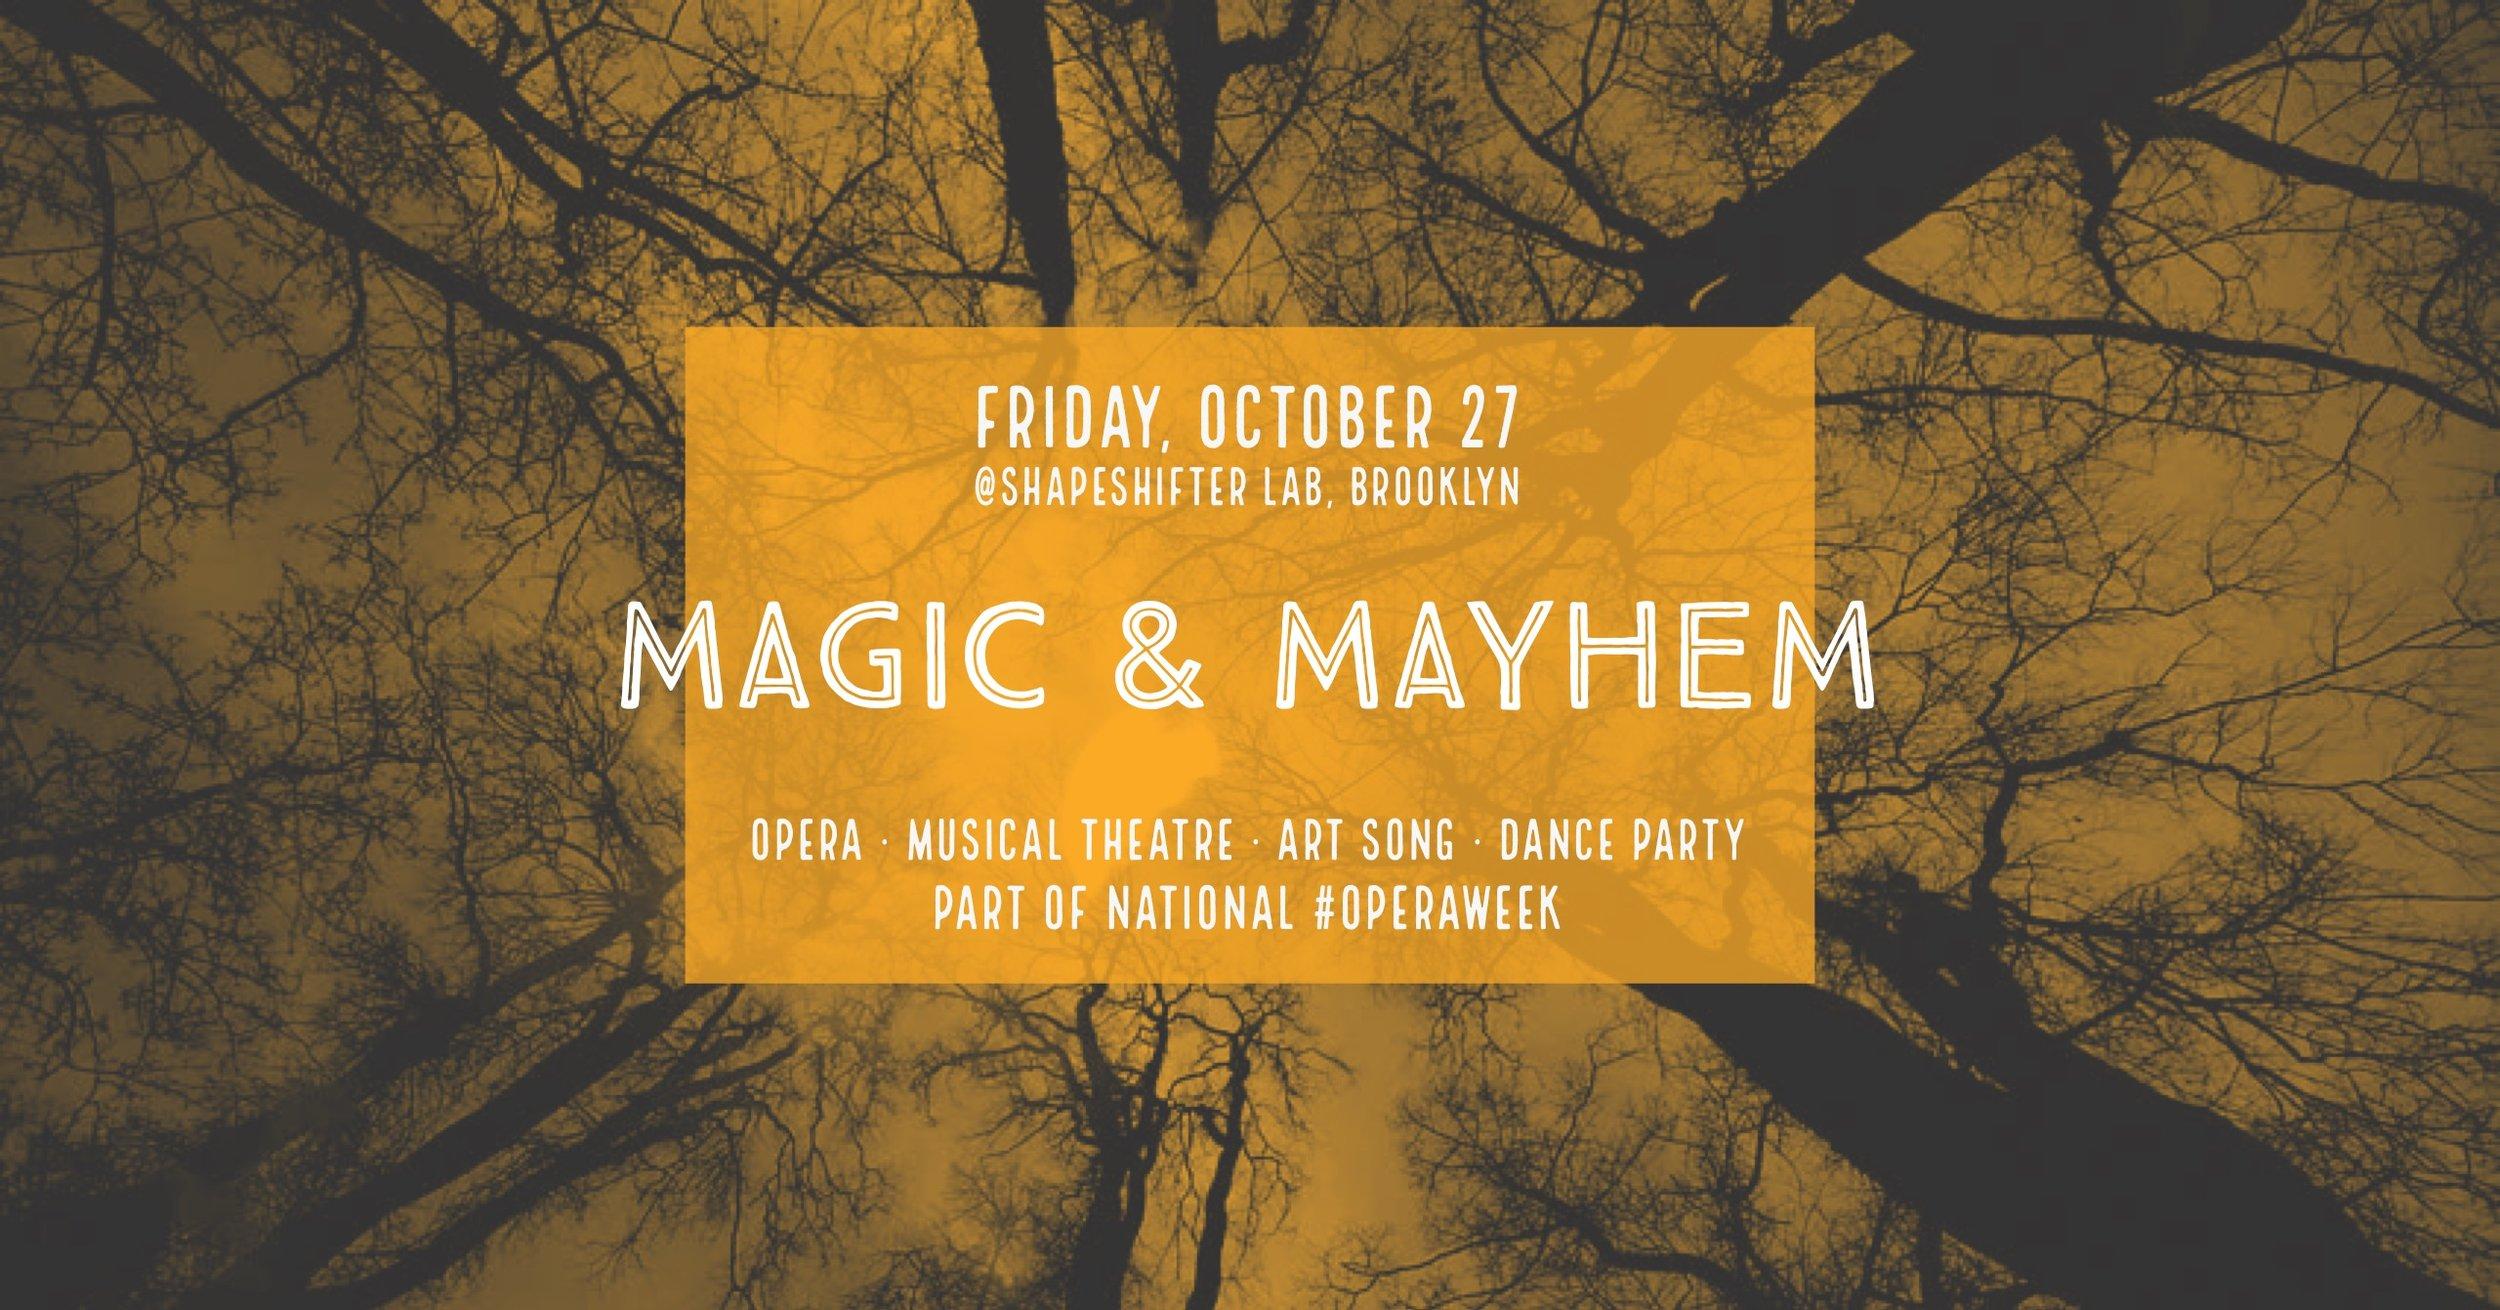 Magic & Mayhem Facbook Cover.JPG